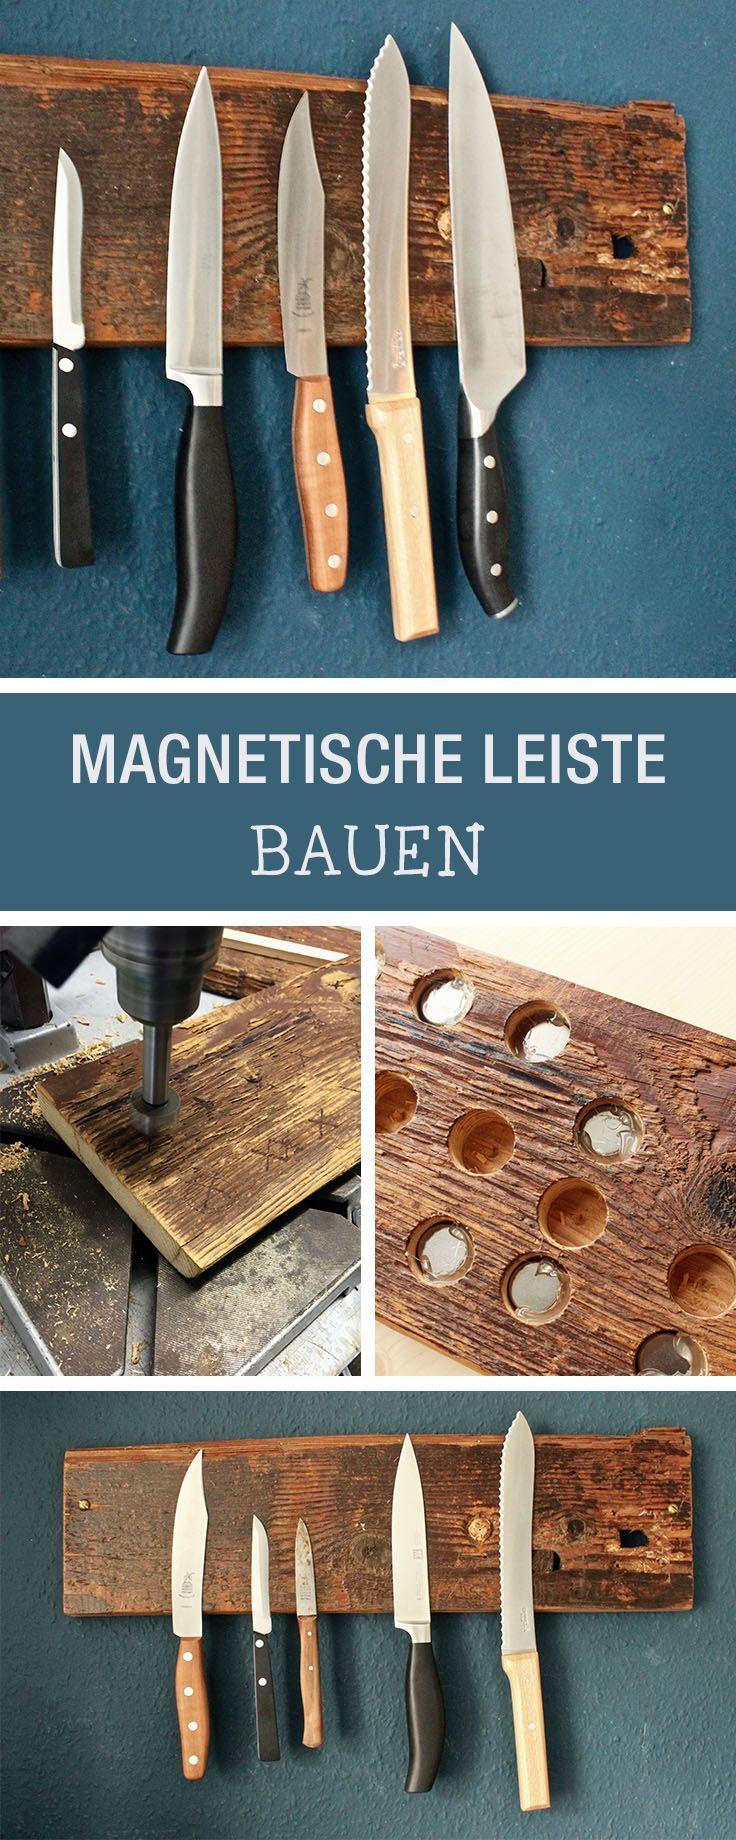 DIY Anleitung Magnetische Messerleiste aus Holz selber bauen via